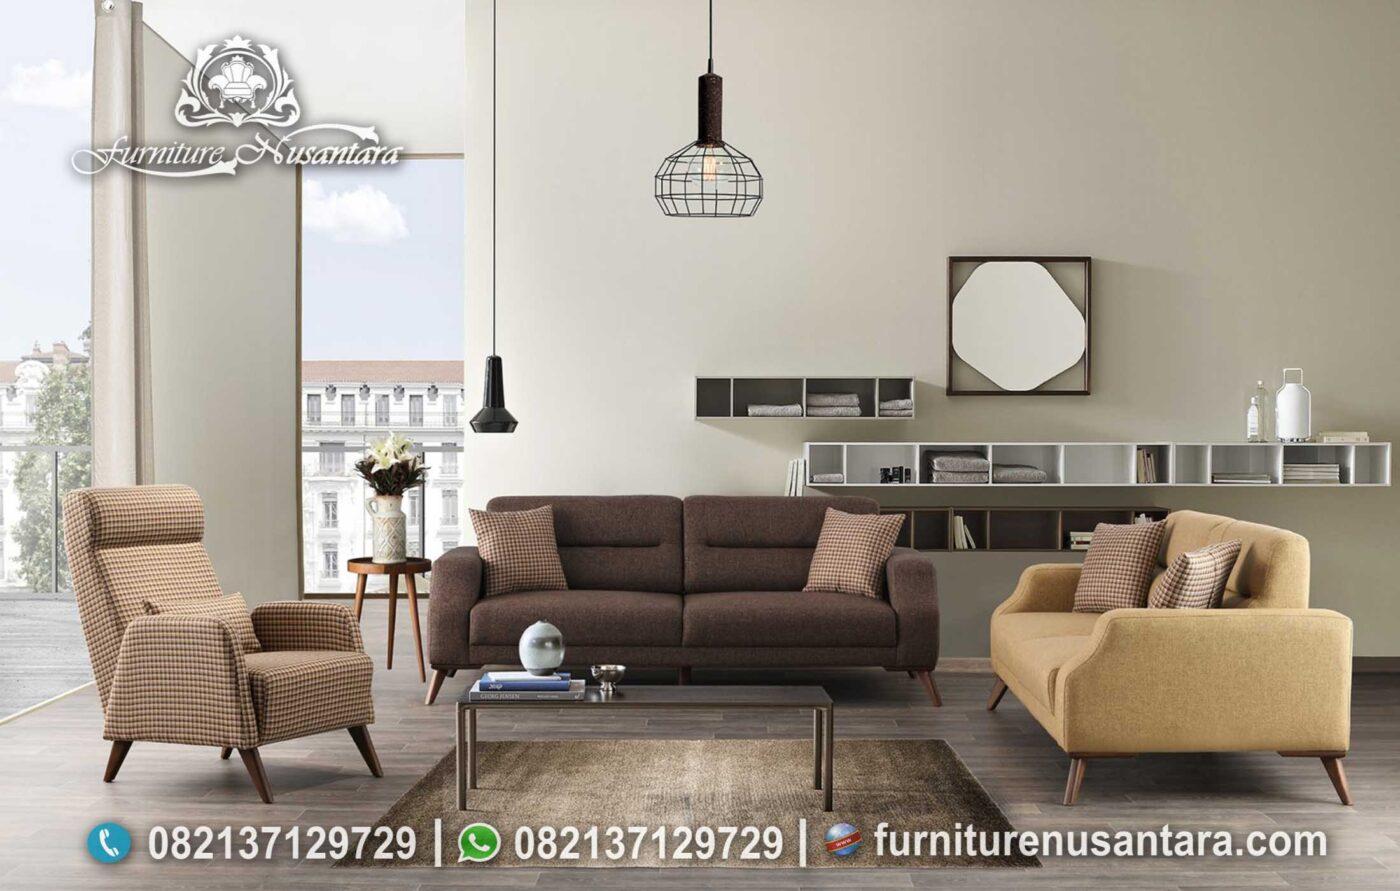 Model Sofa Terbaru Untuk Apartemen Minimalis ST-106, Furniture Nusantara